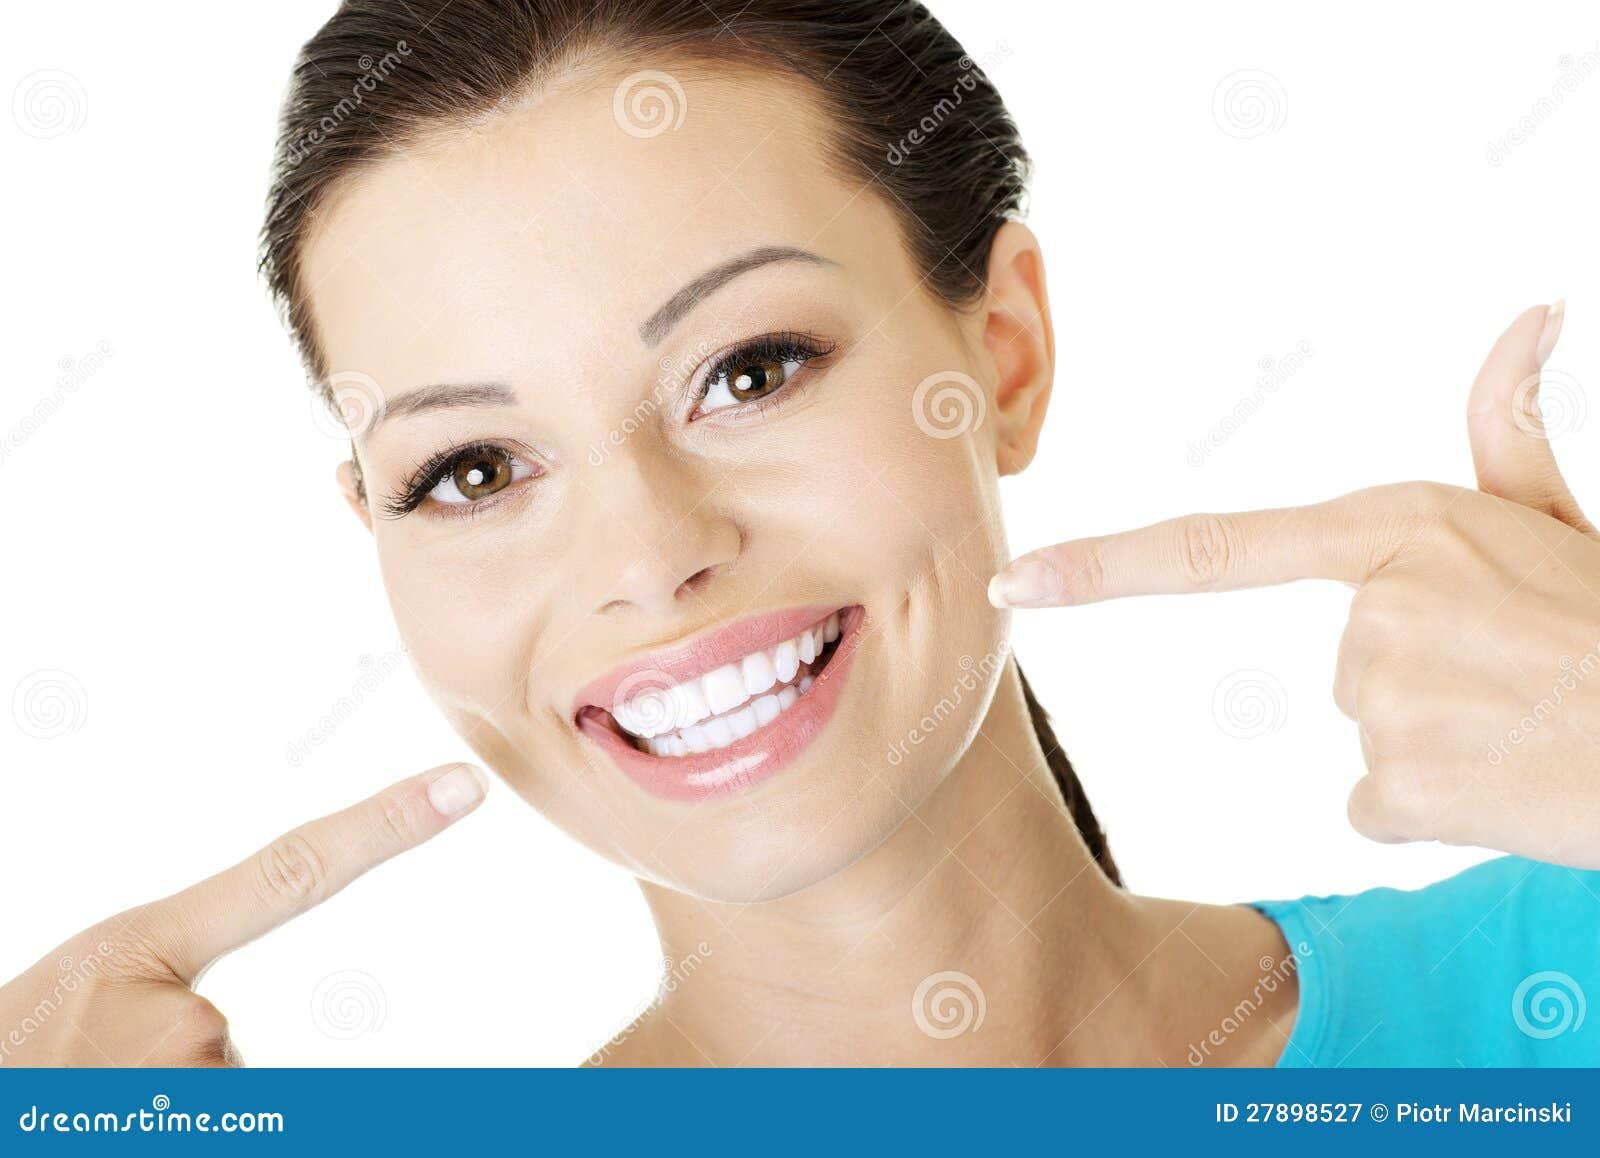 Frau, die ihr vollkommene Zähne zeigt.